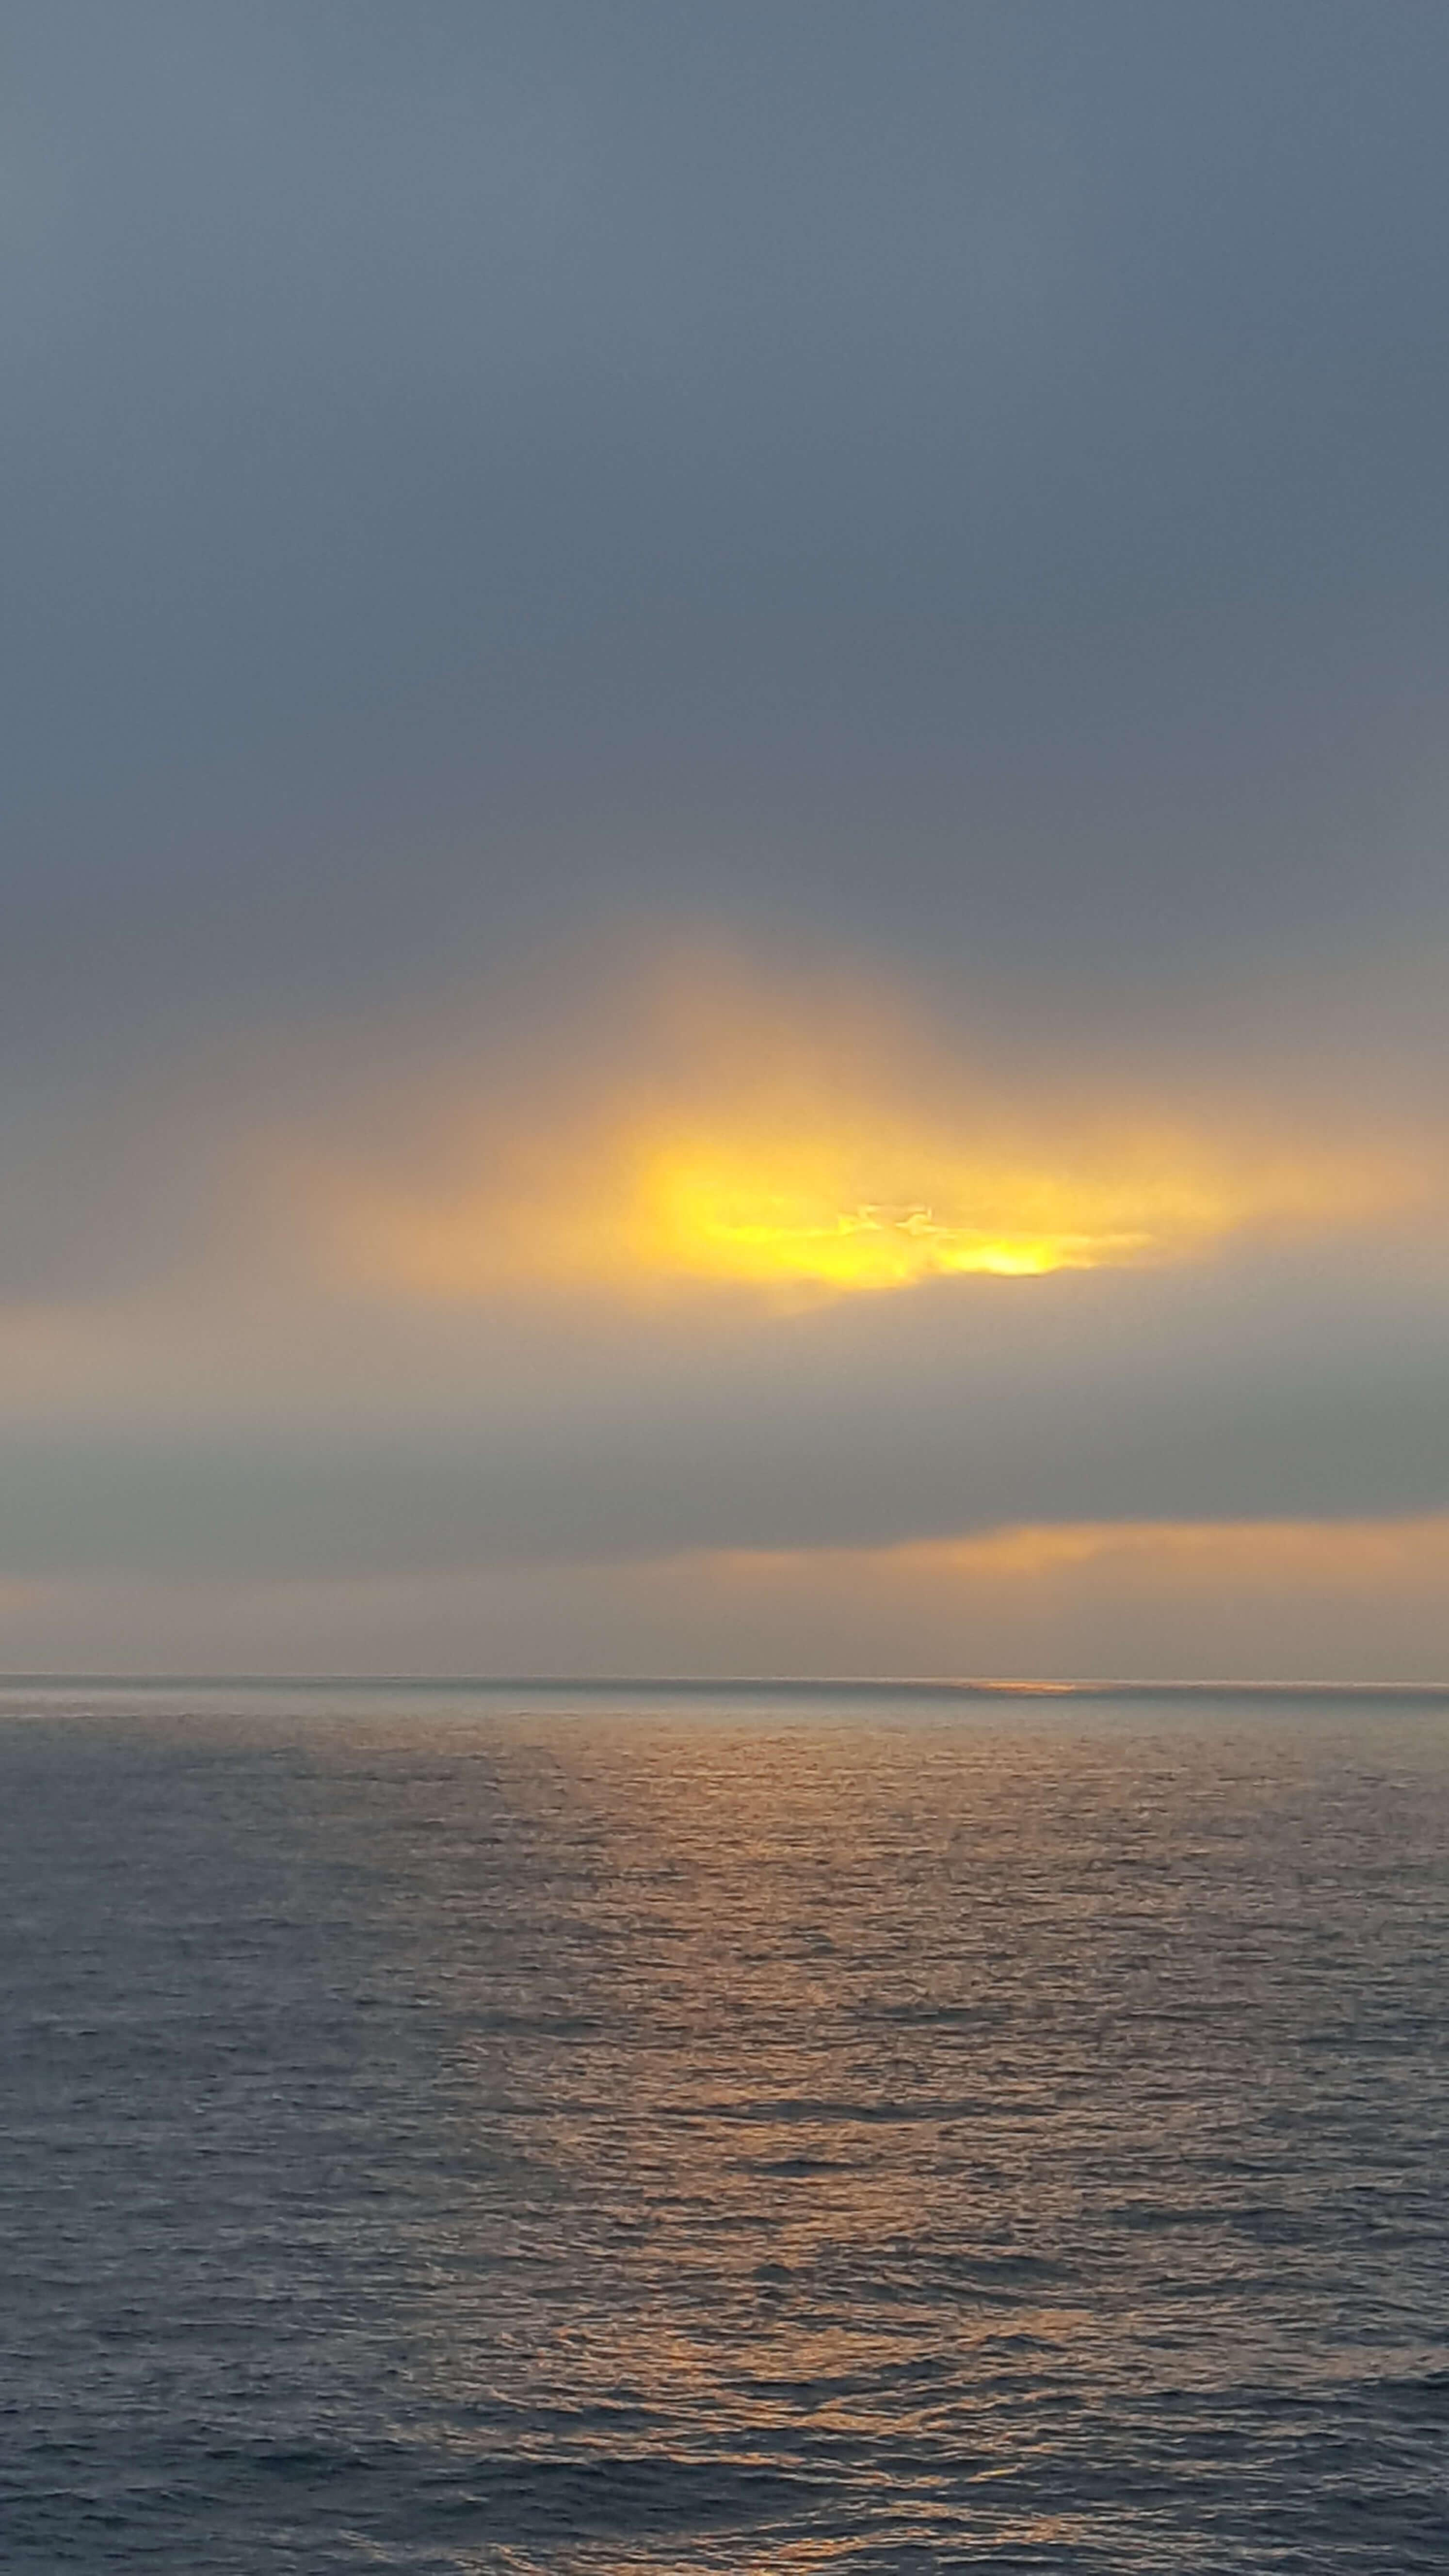 Fire in the sky near Oceanside Pier